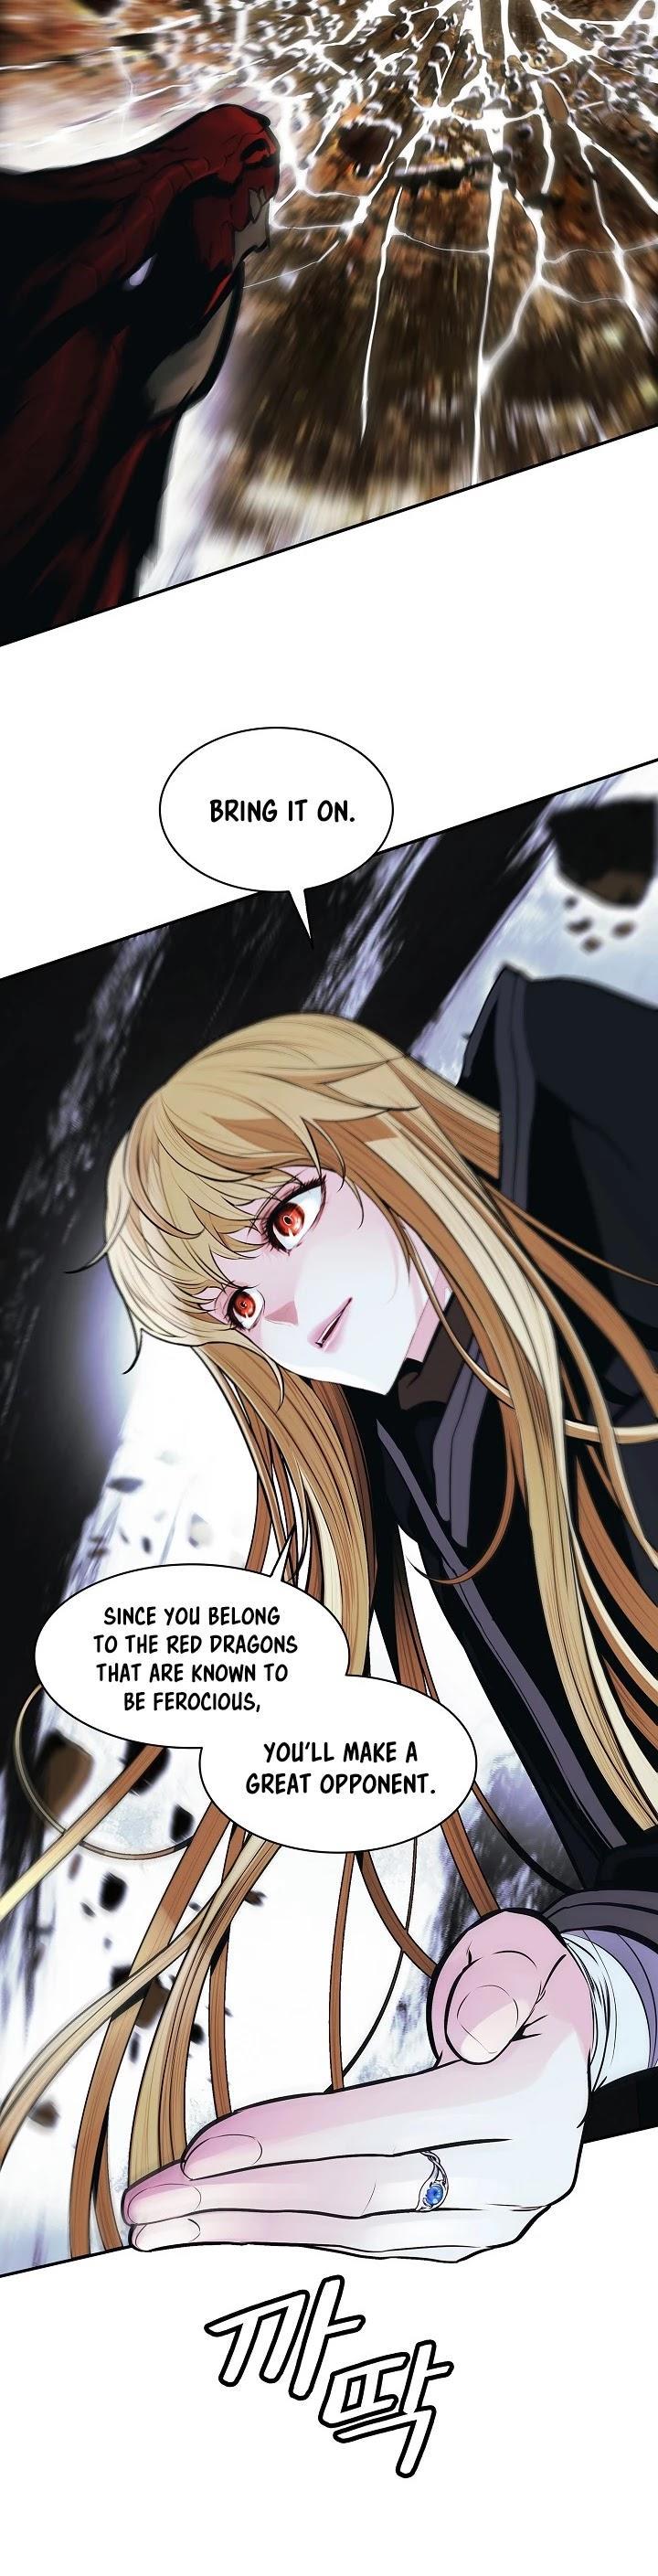 Mookhyang - Dark Lady Chapter 117 page 23 - Mangakakalots.com